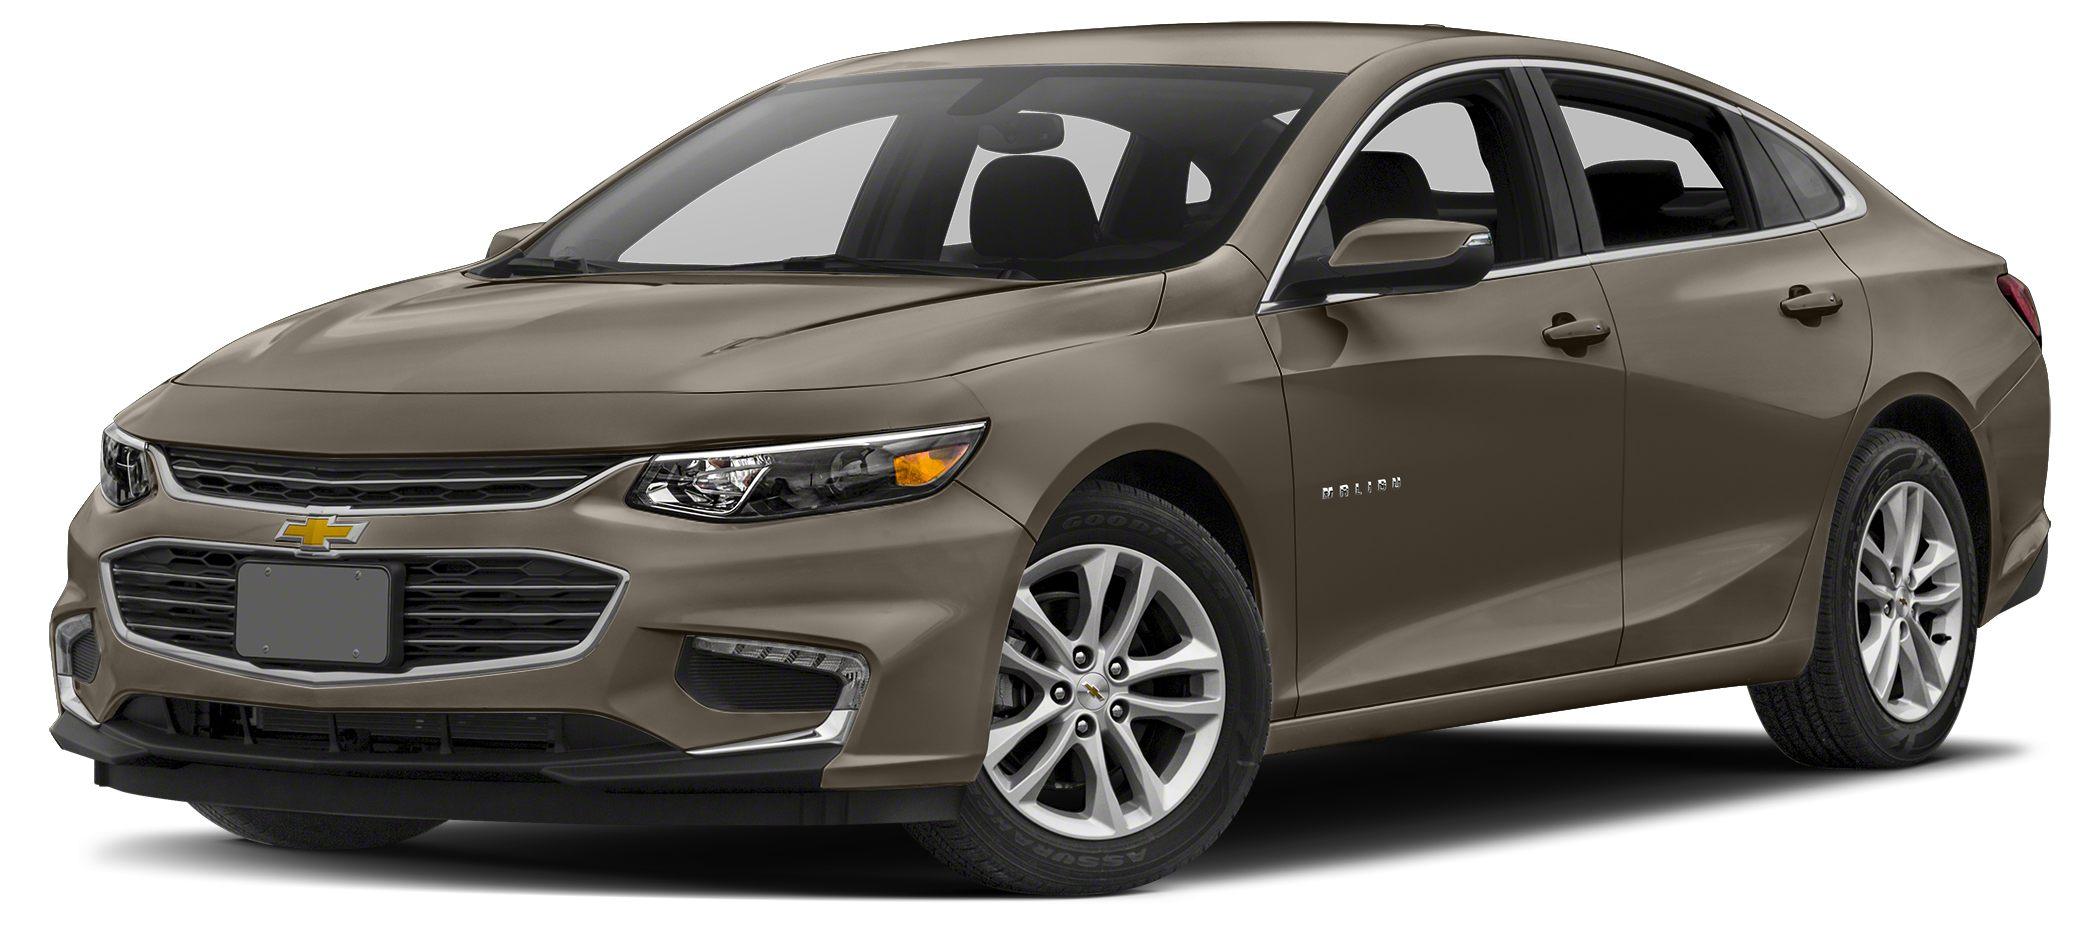 2017 Chevrolet Malibu LT w1LT Miles 0Color Pepperdust Metallic Stock 1G1ZE5ST0HF278637 VIN